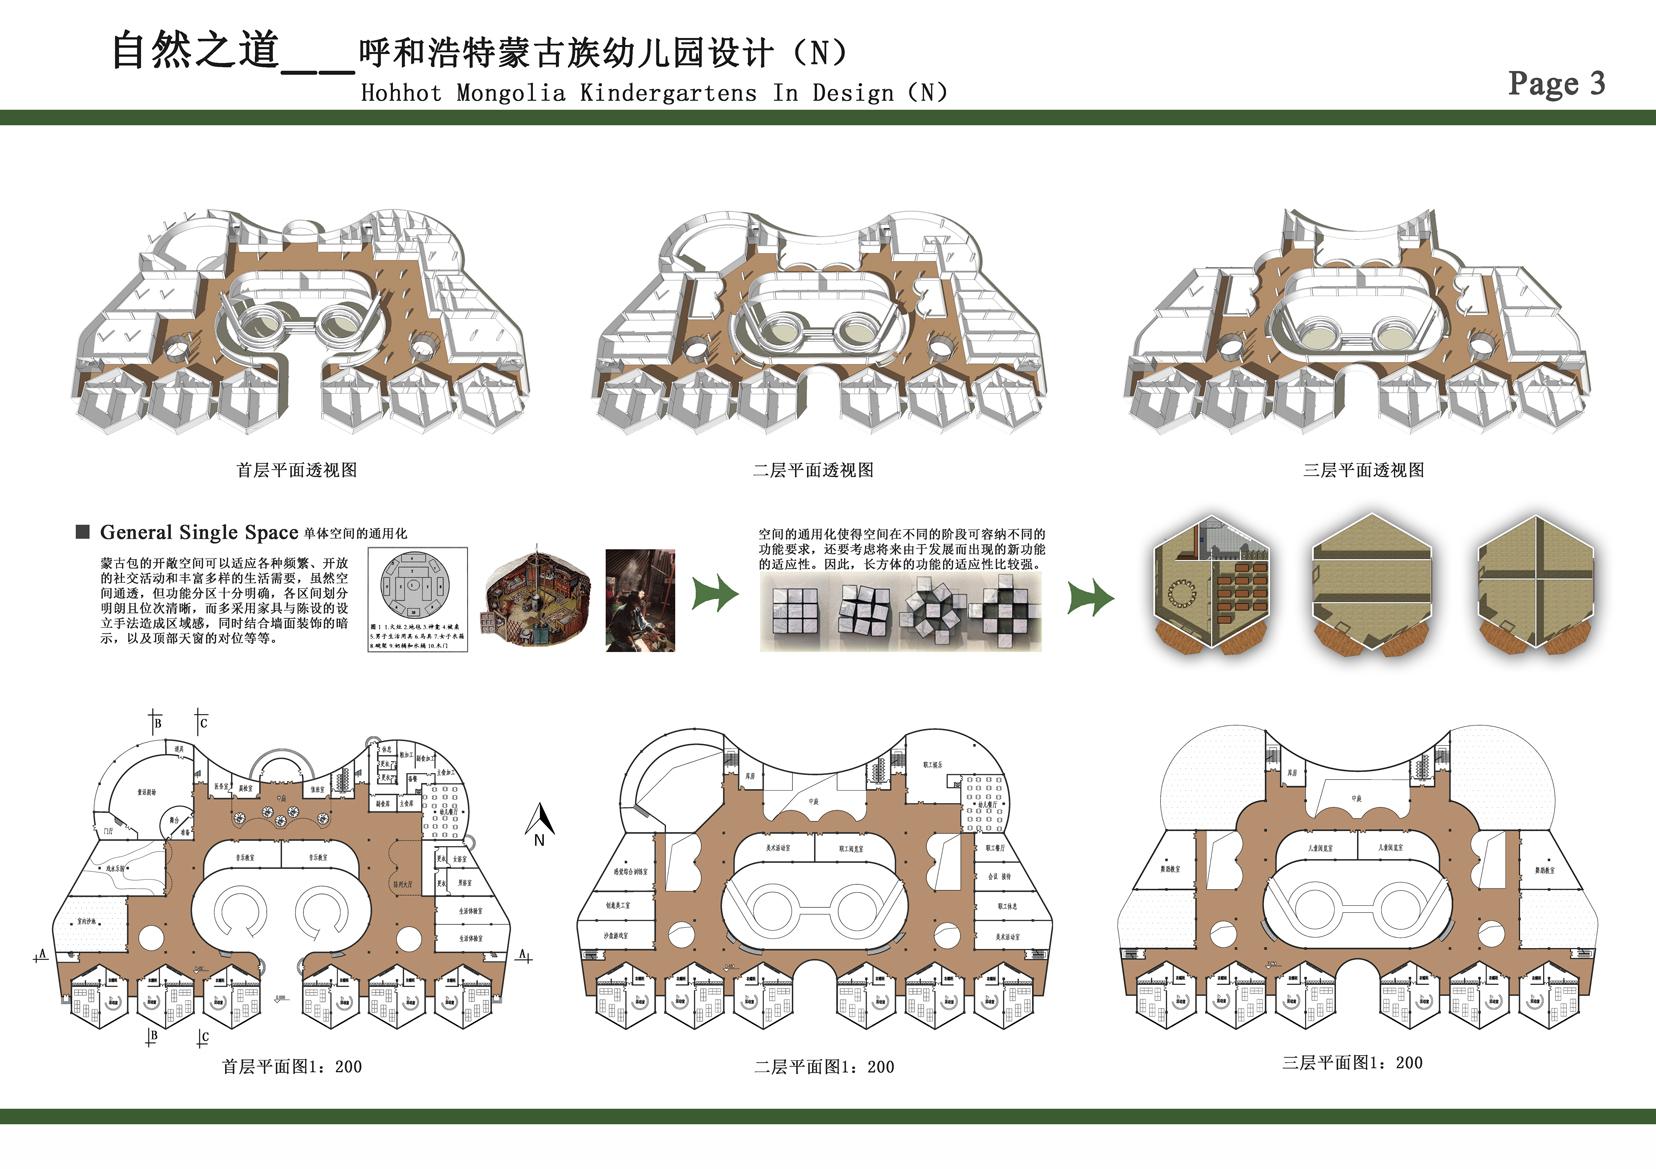 蒙古族幼儿园建筑设计方案 第3张